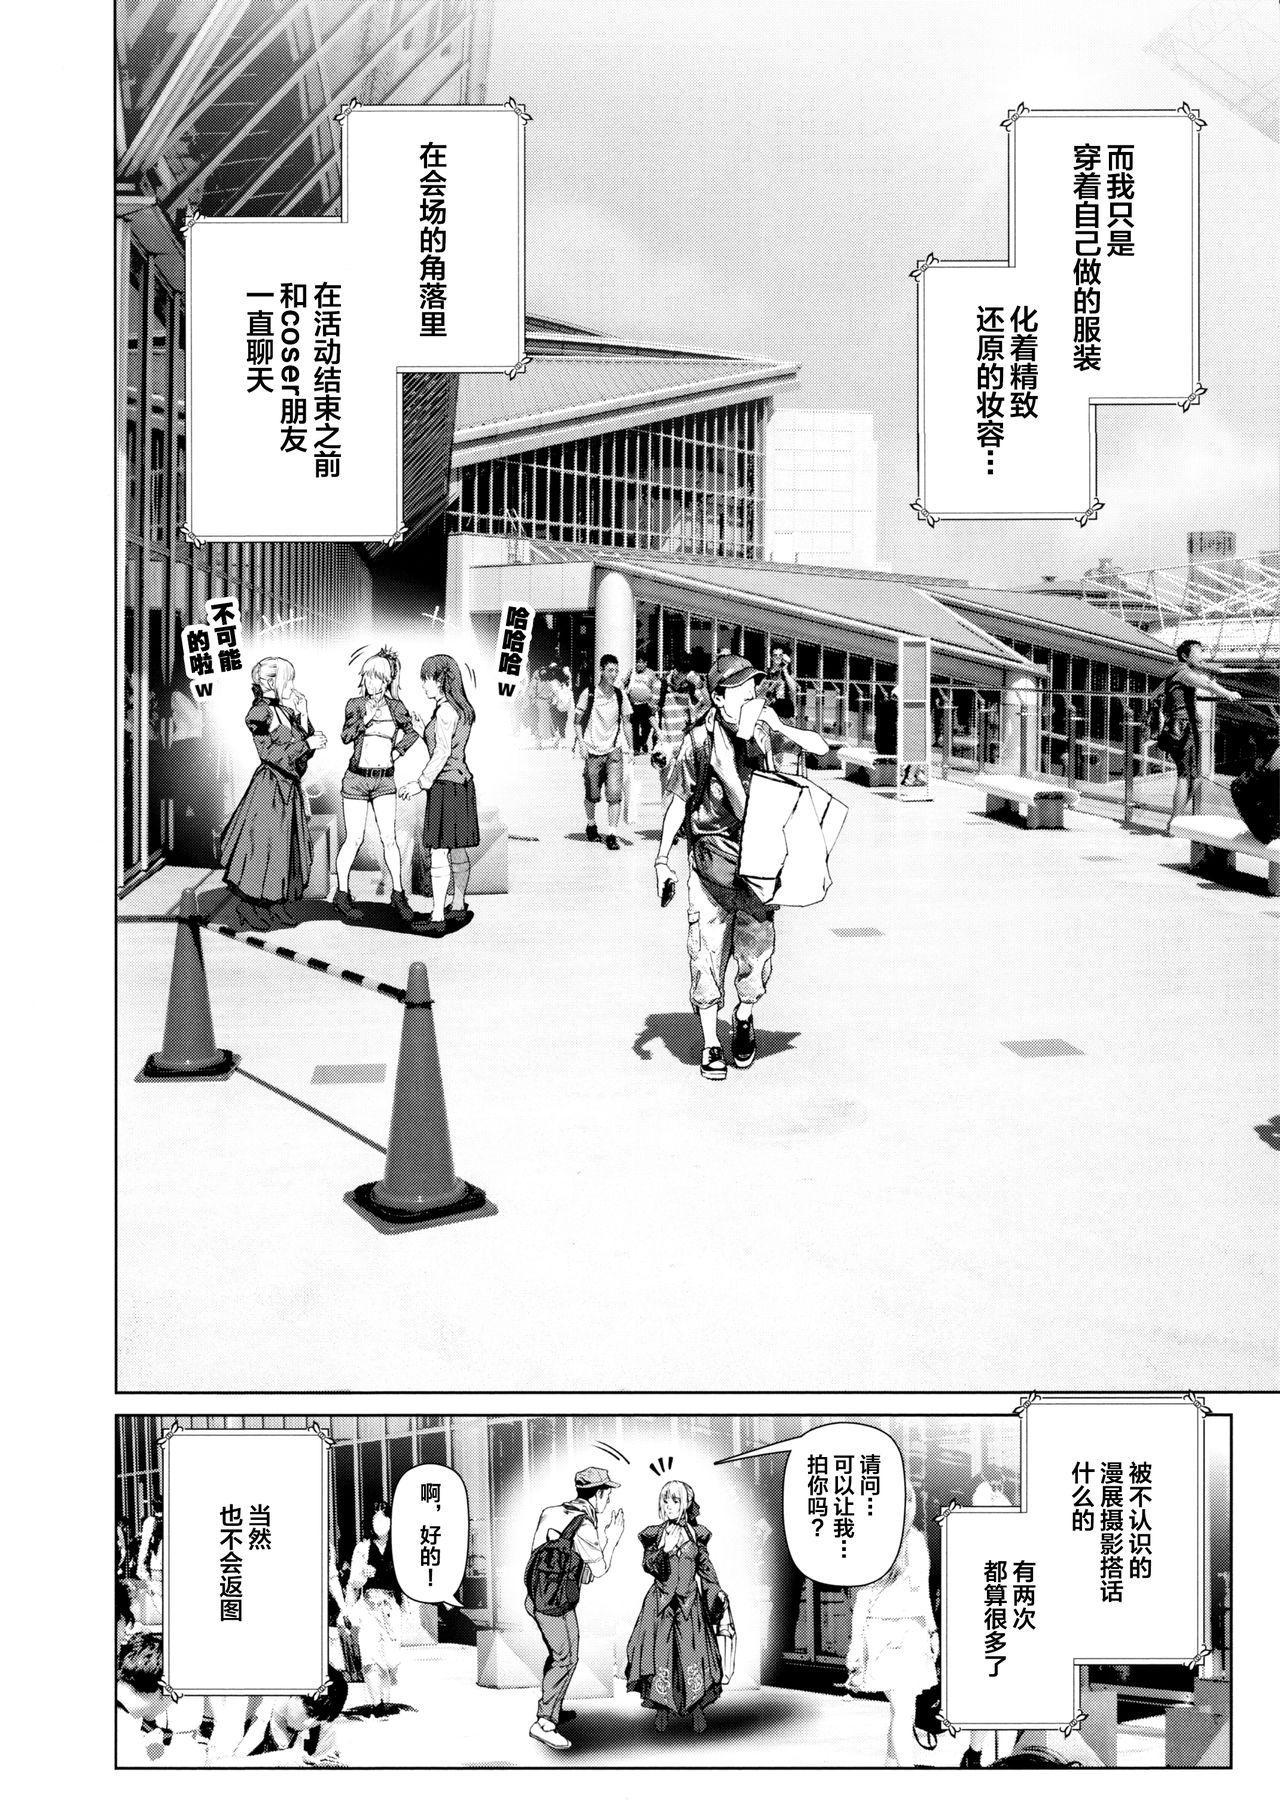 Cos wa Midara na Kamen Ninki Ikemen Layer no SeFri Ken Ishou Seisaku Tantou no Zoukei Layer wa Honmei Kanojo no Yume o Miru ka 6